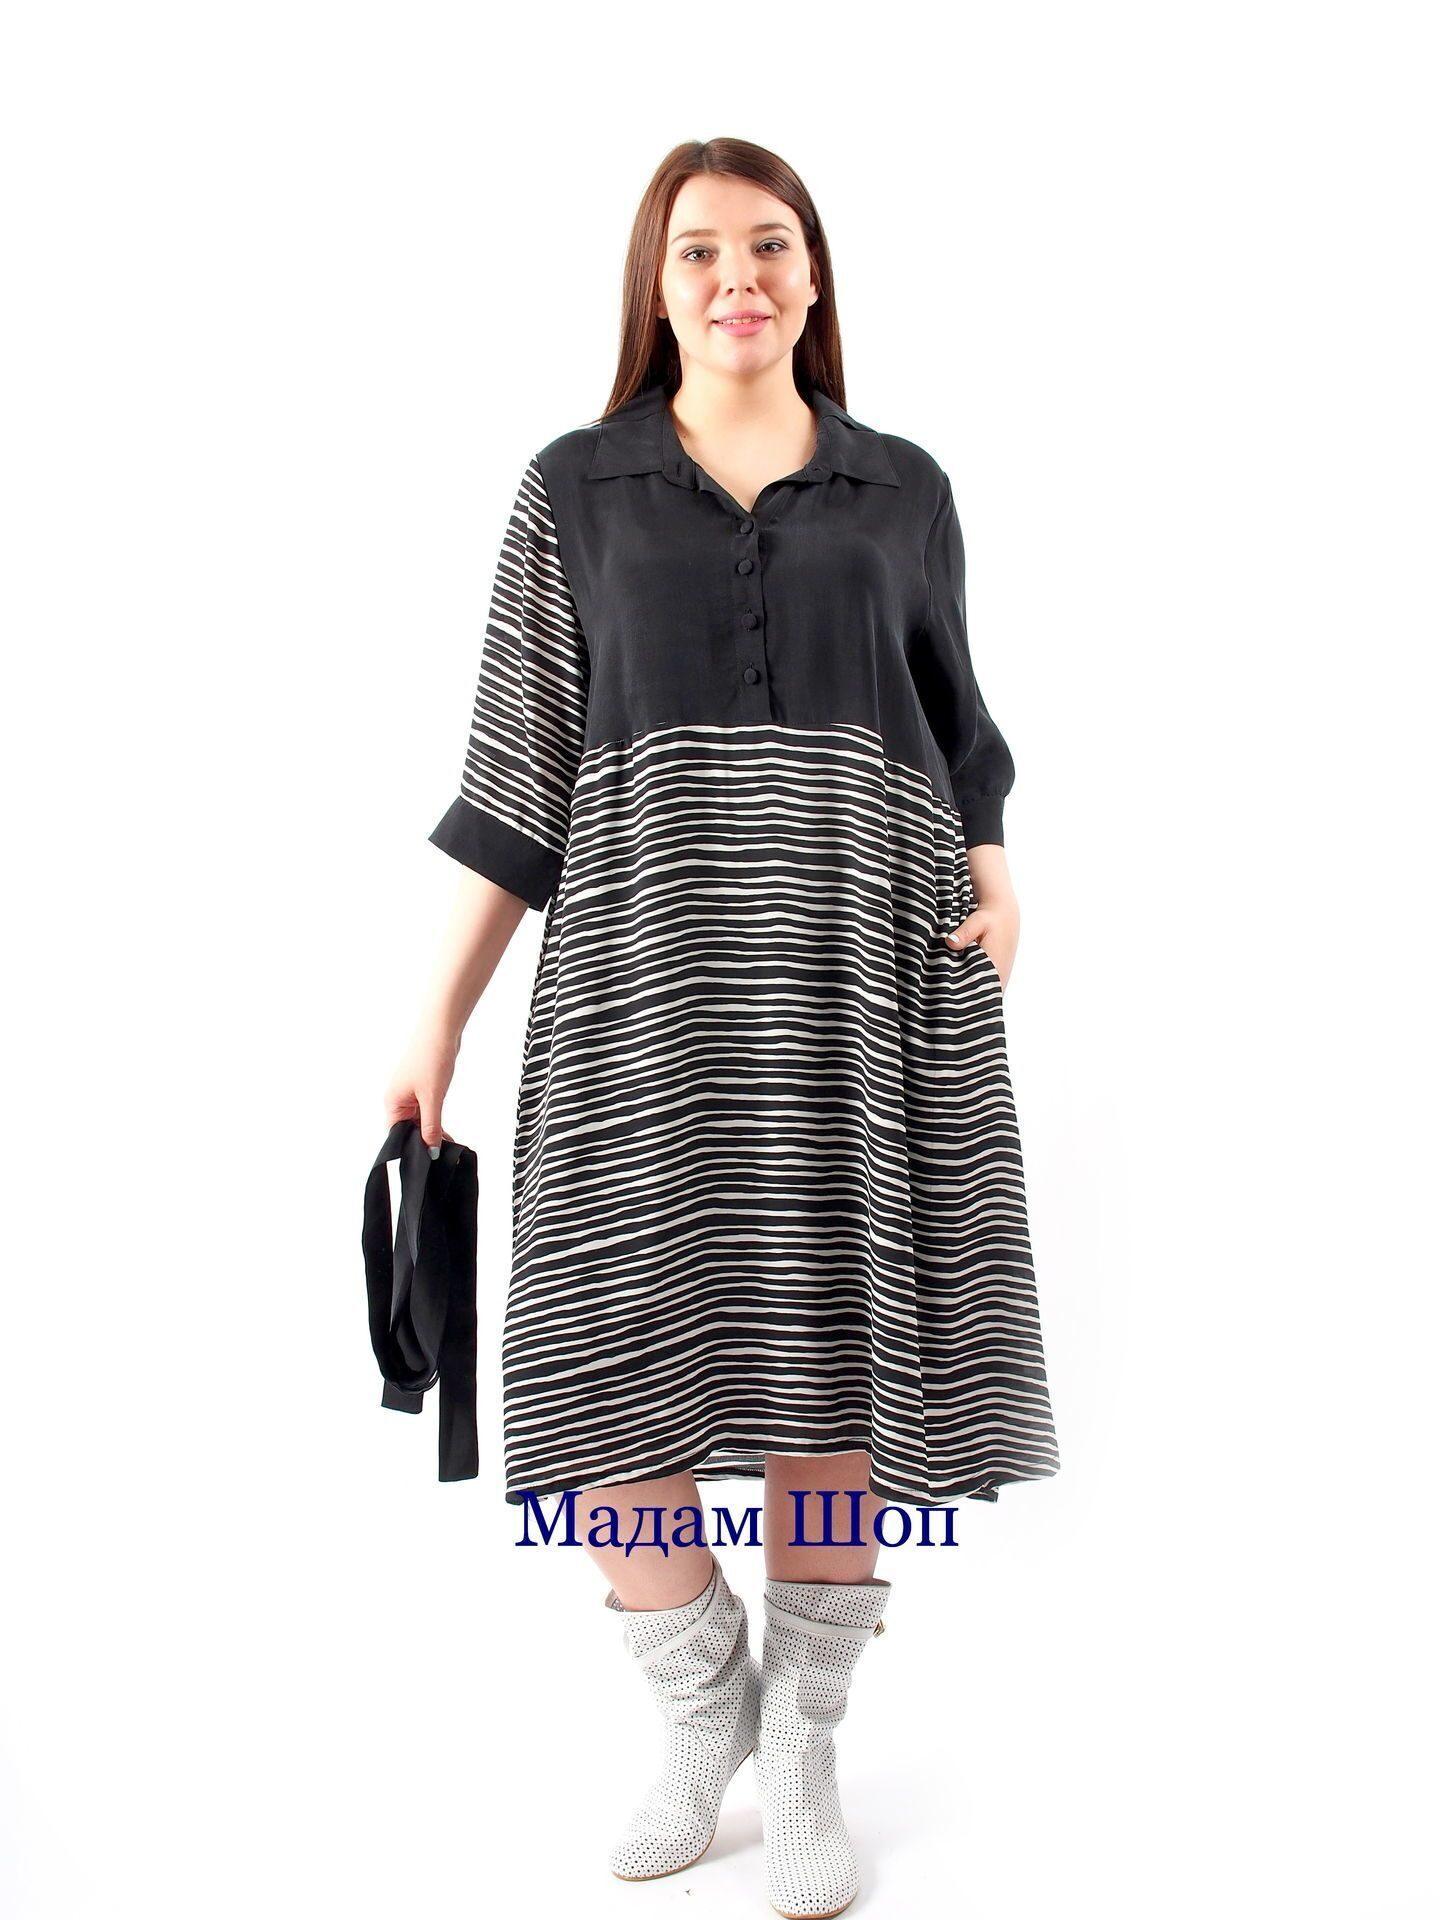 8c9f8d0a9f7 Модное черно-белое платье с галстуком выполнено из комбинированной ткани.  Верх и один из